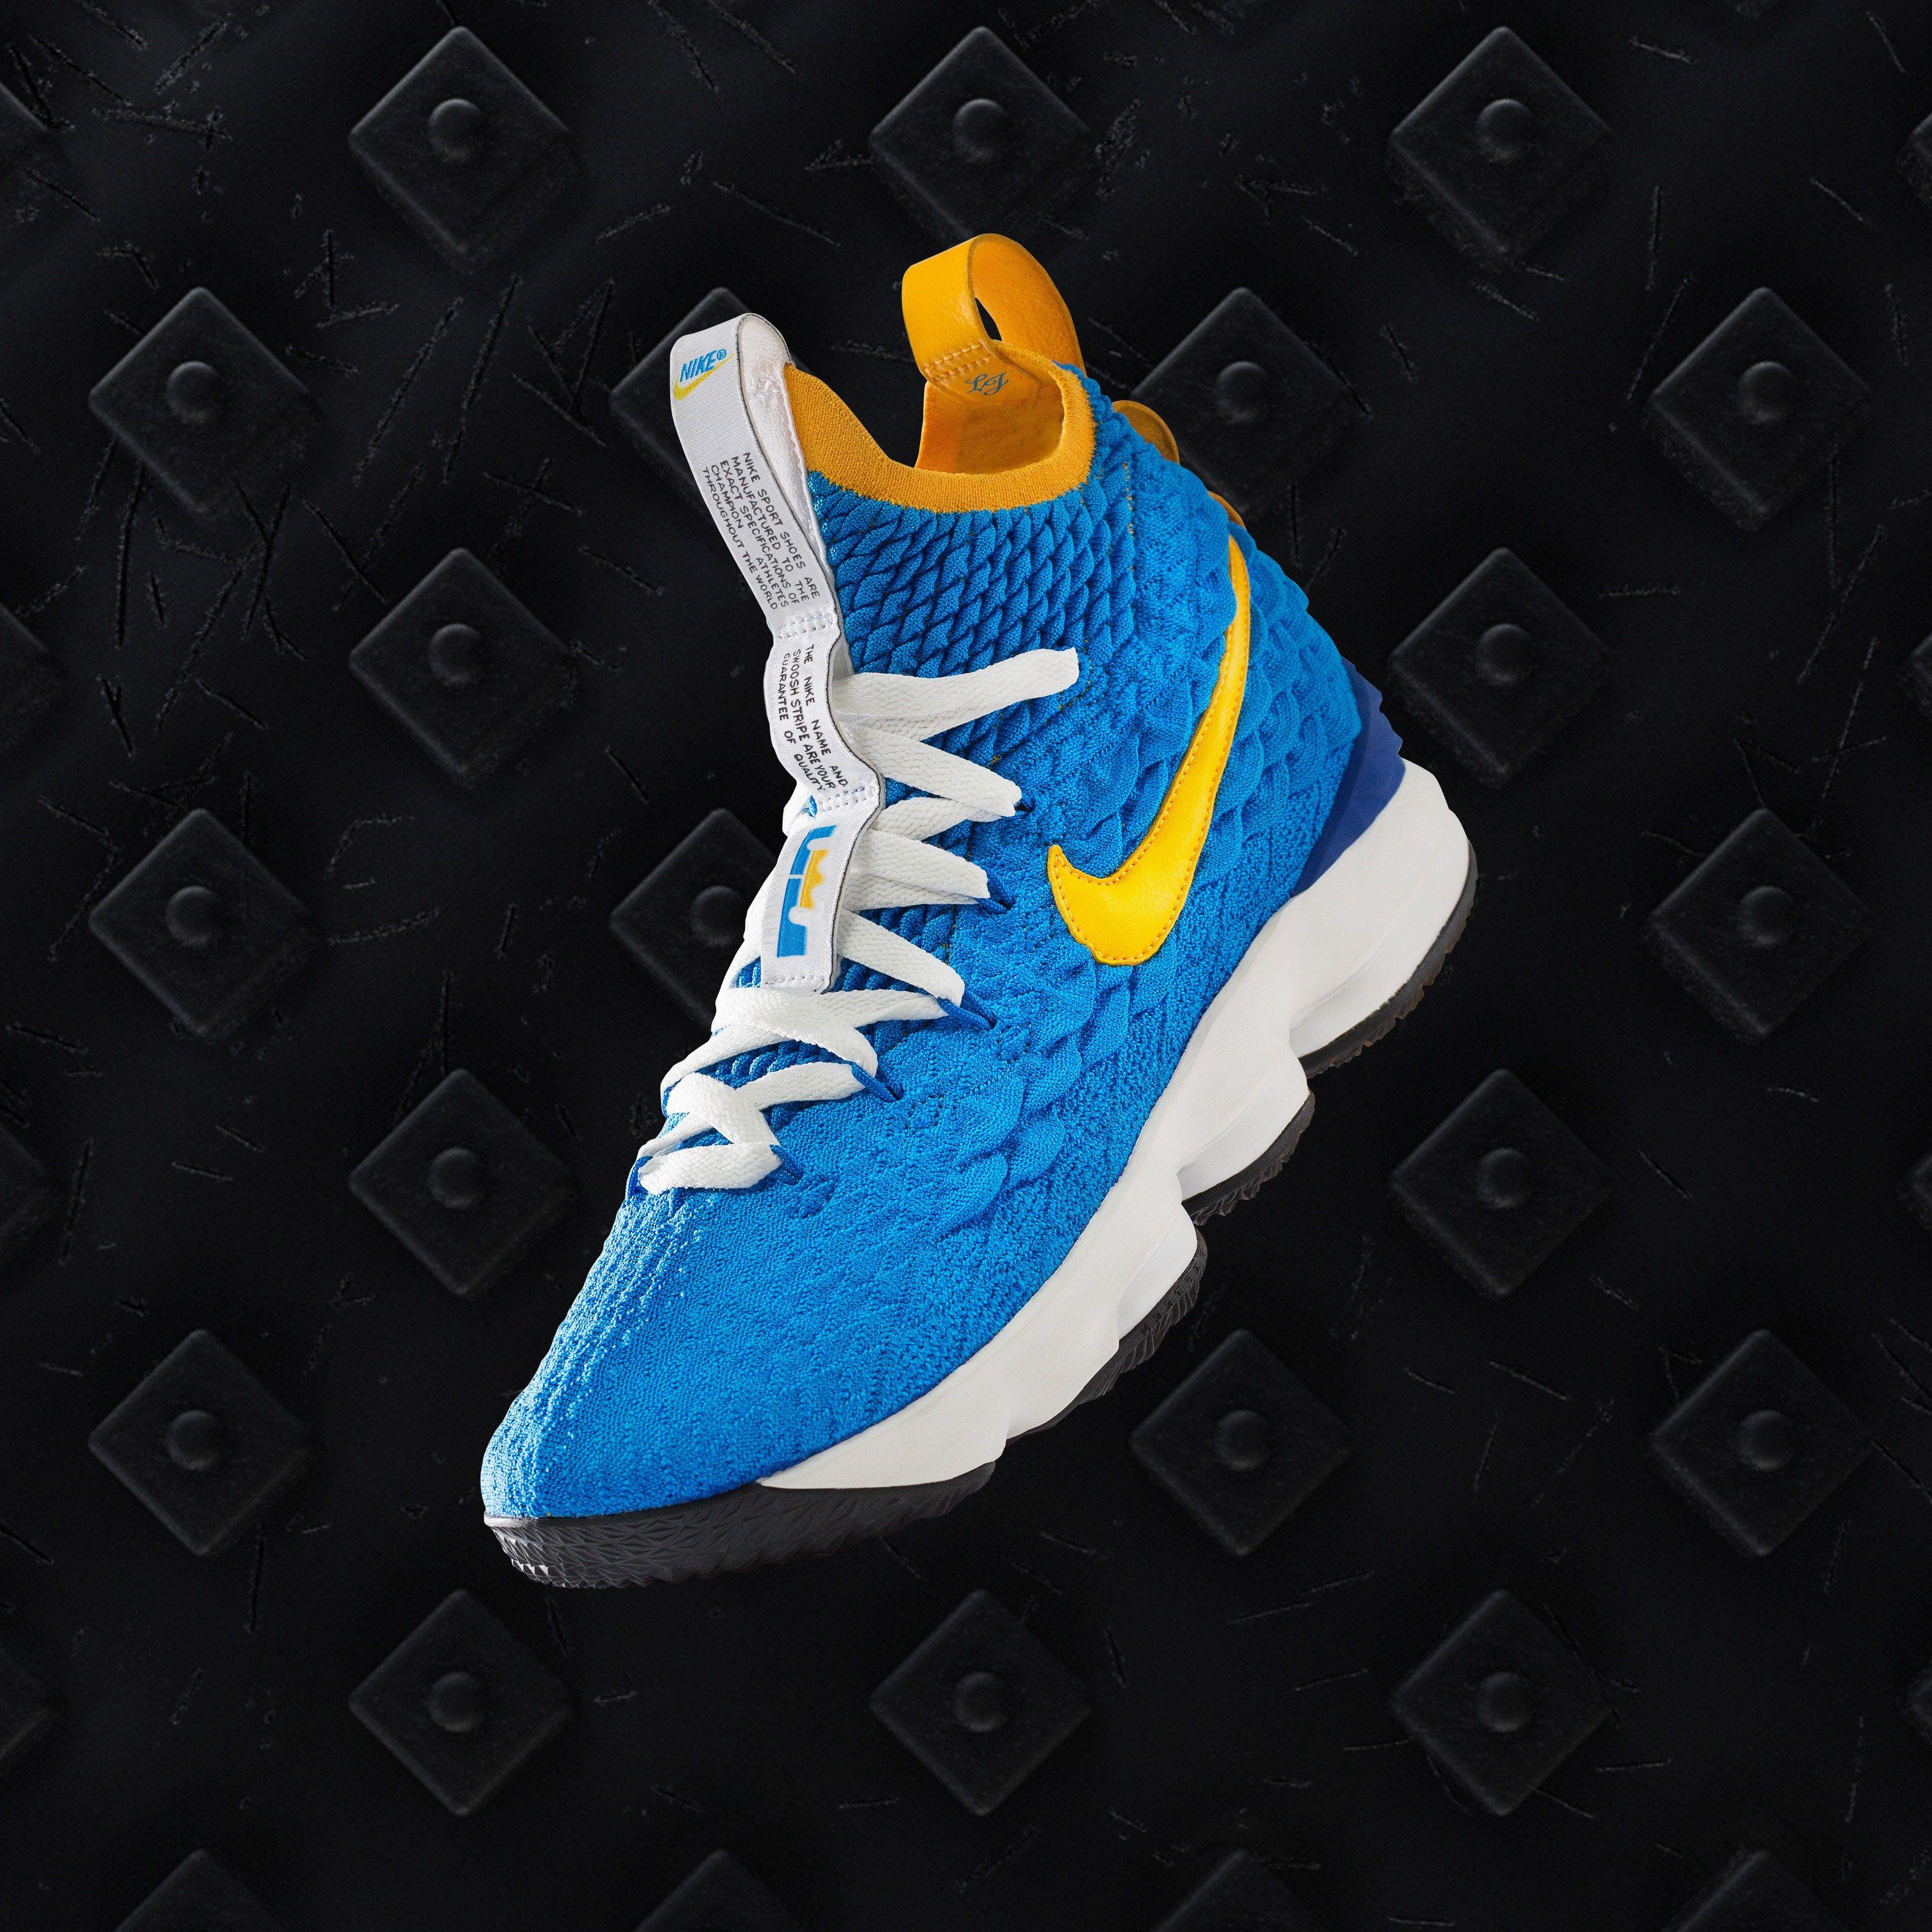 Nike LeBron 15 PE